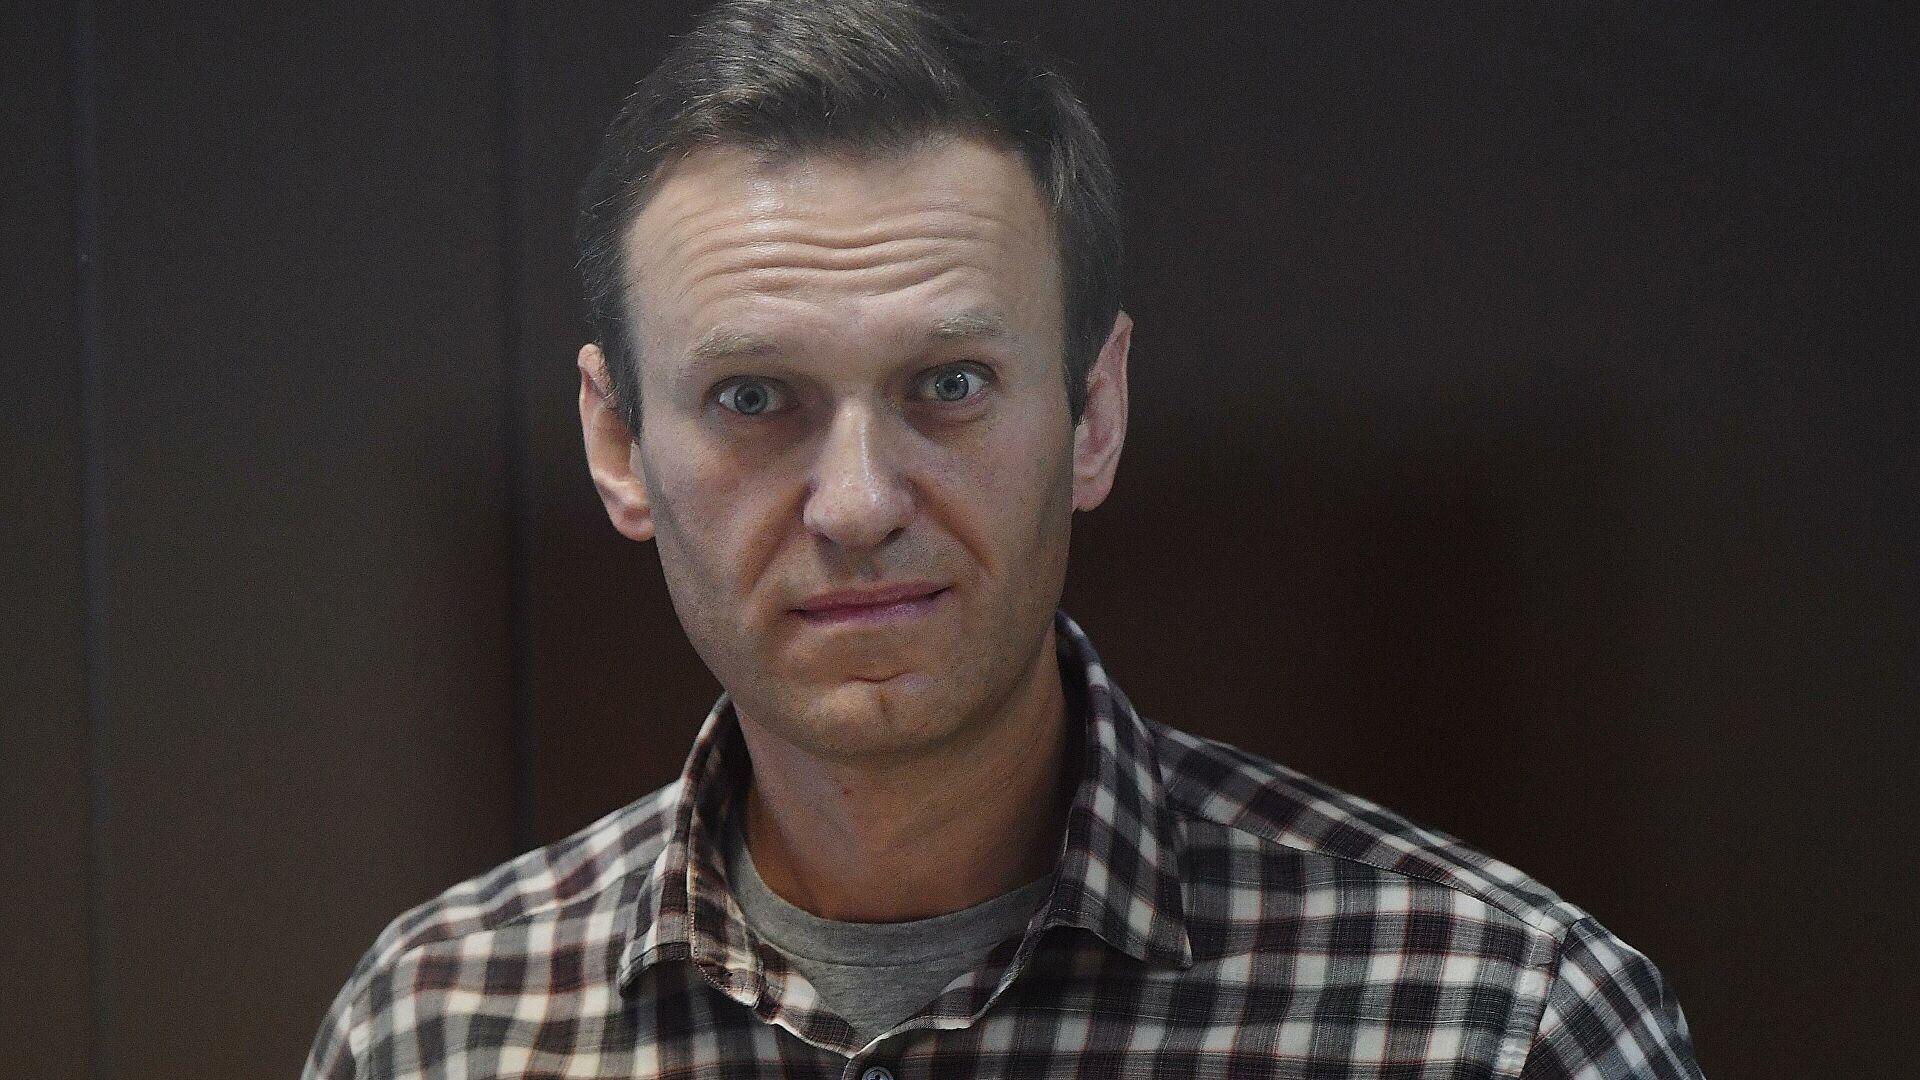 ФСИН: Навальный восстановился после голодовки